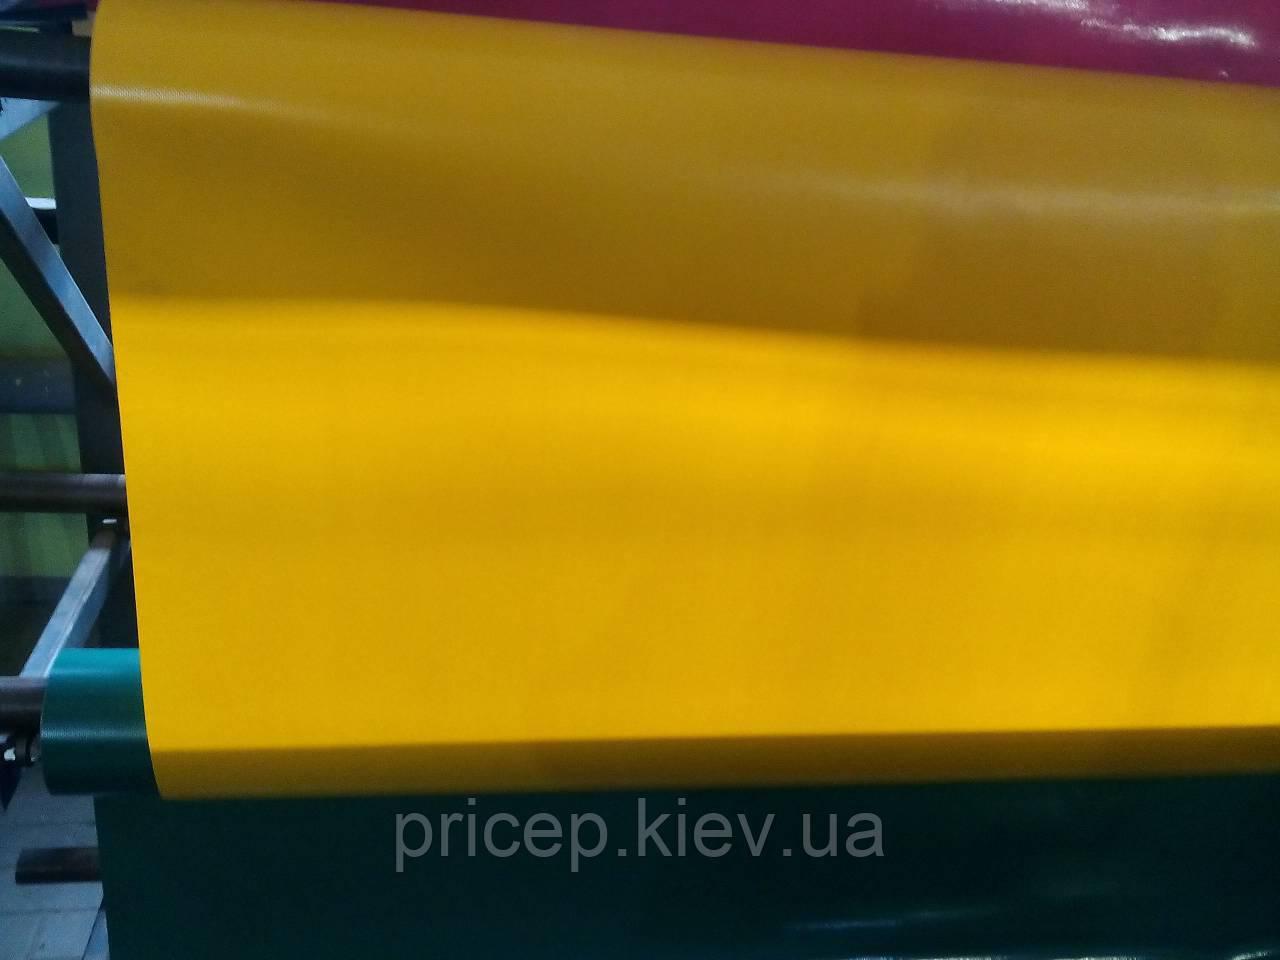 Материал тентовый пвх. Жёлтый.